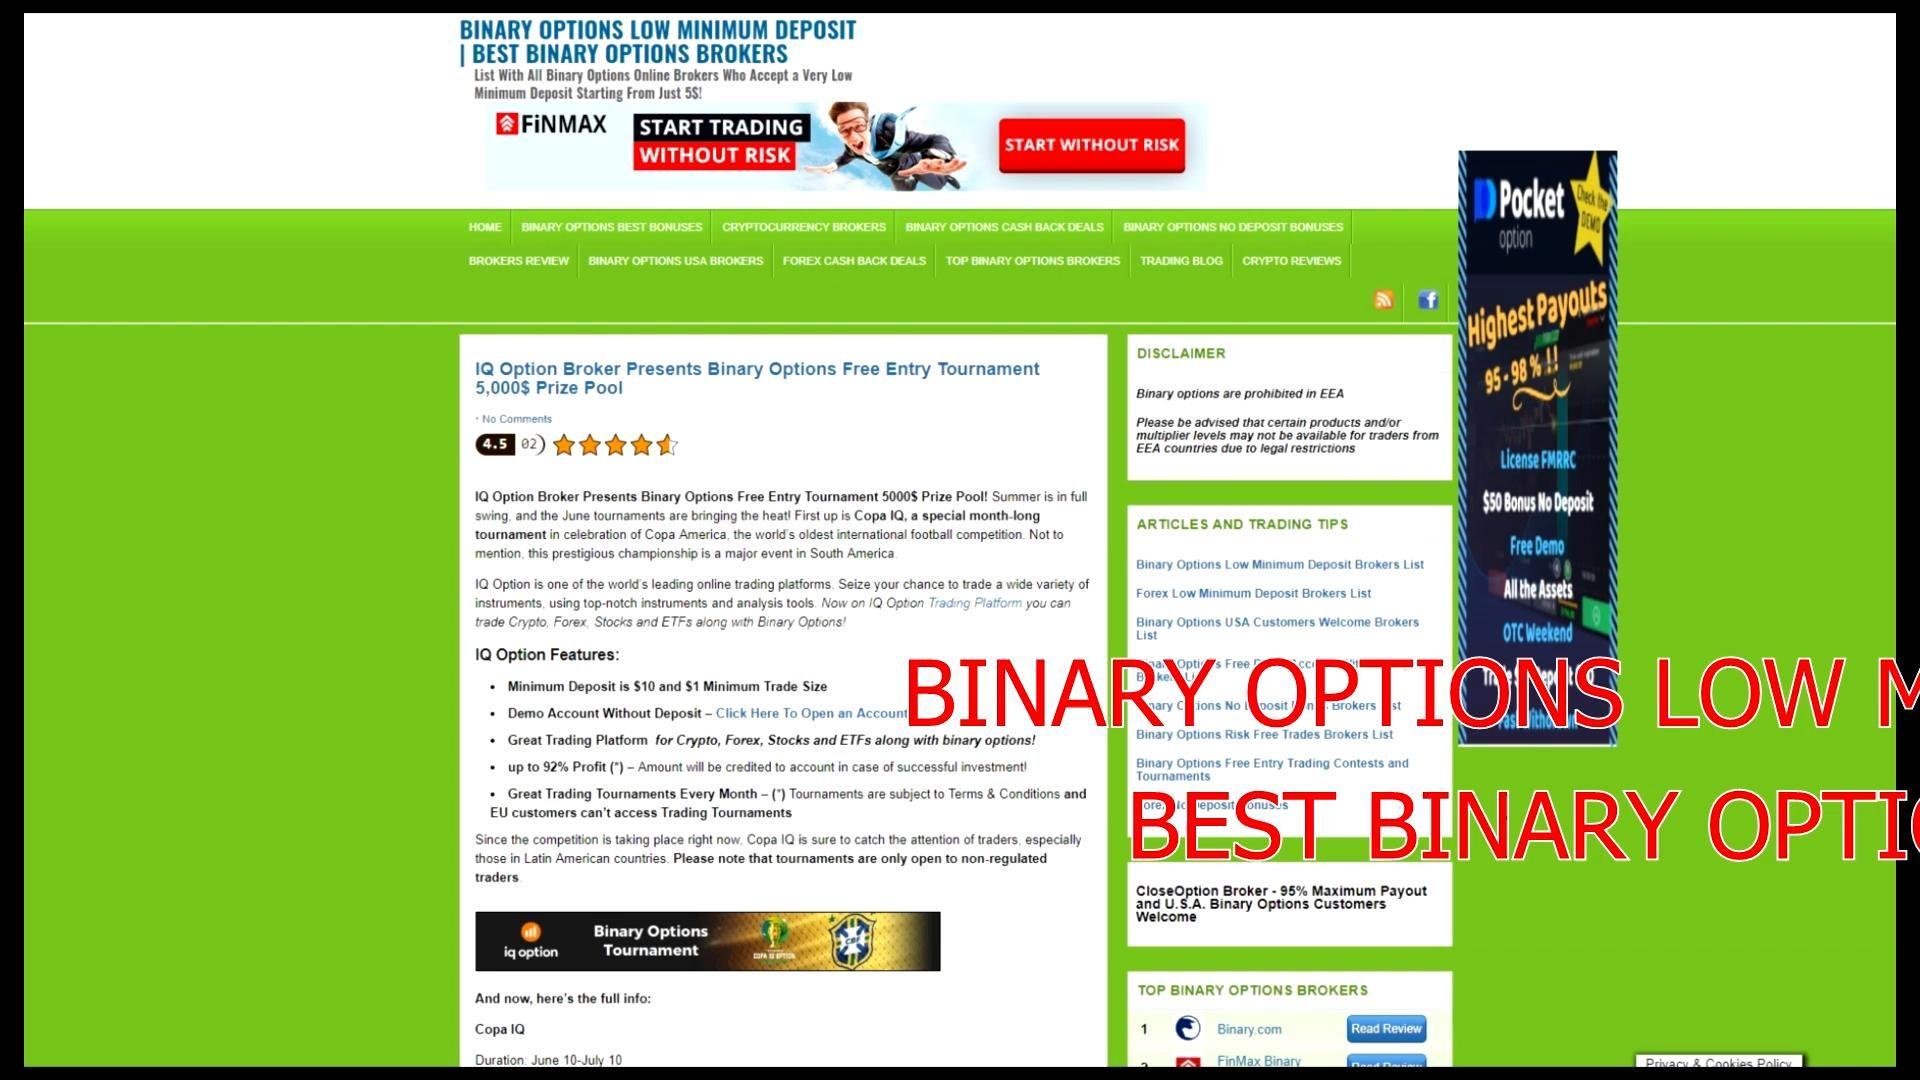 site de investiții pe internet